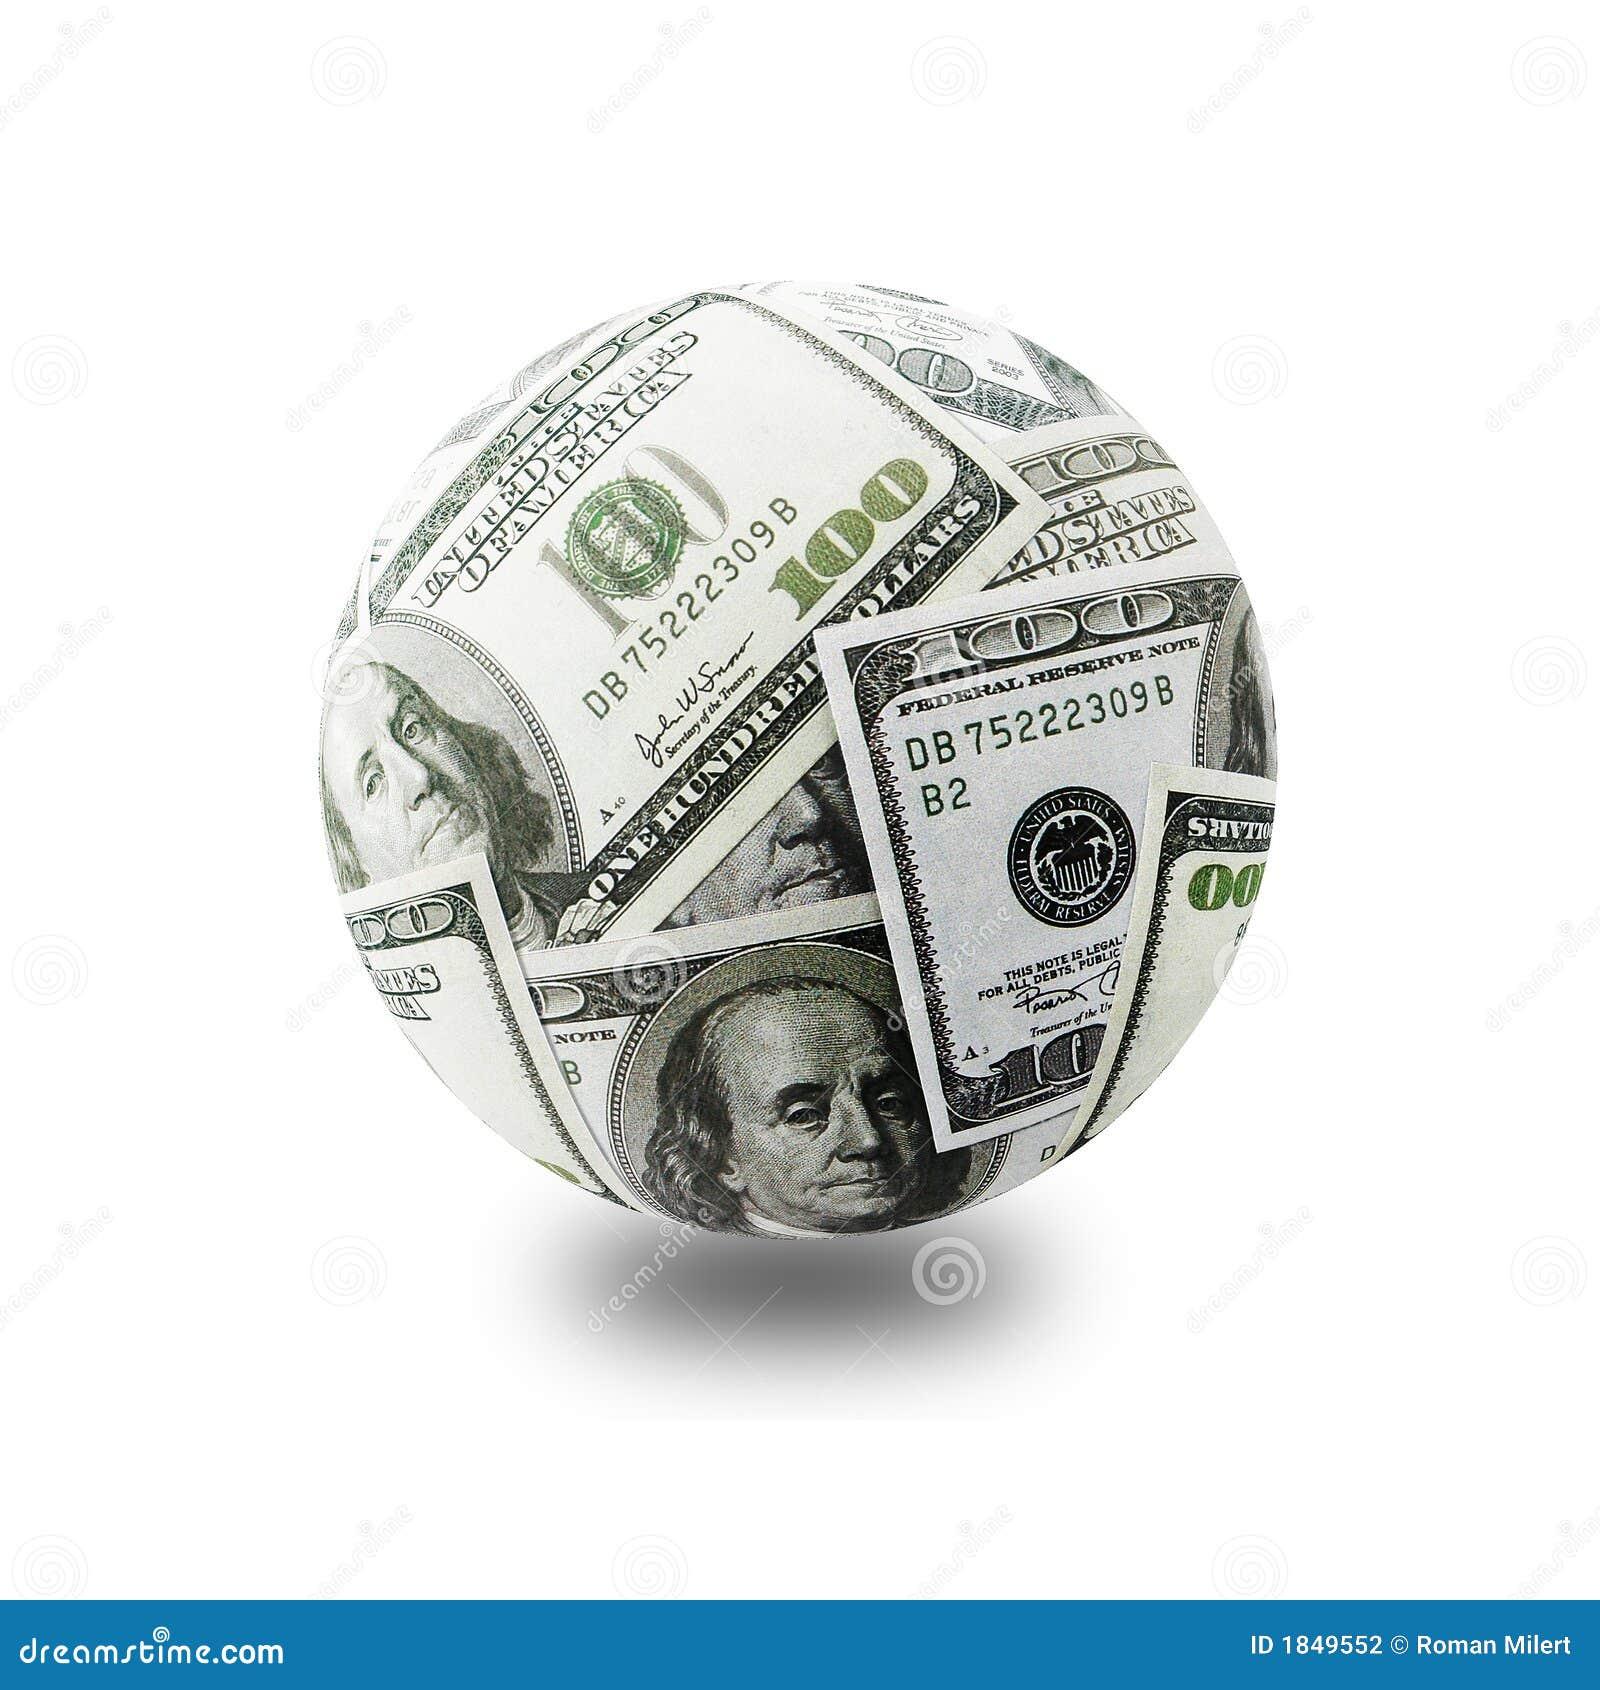 money globe stock photography image 1849552 bandaid clip art free bandage clipart